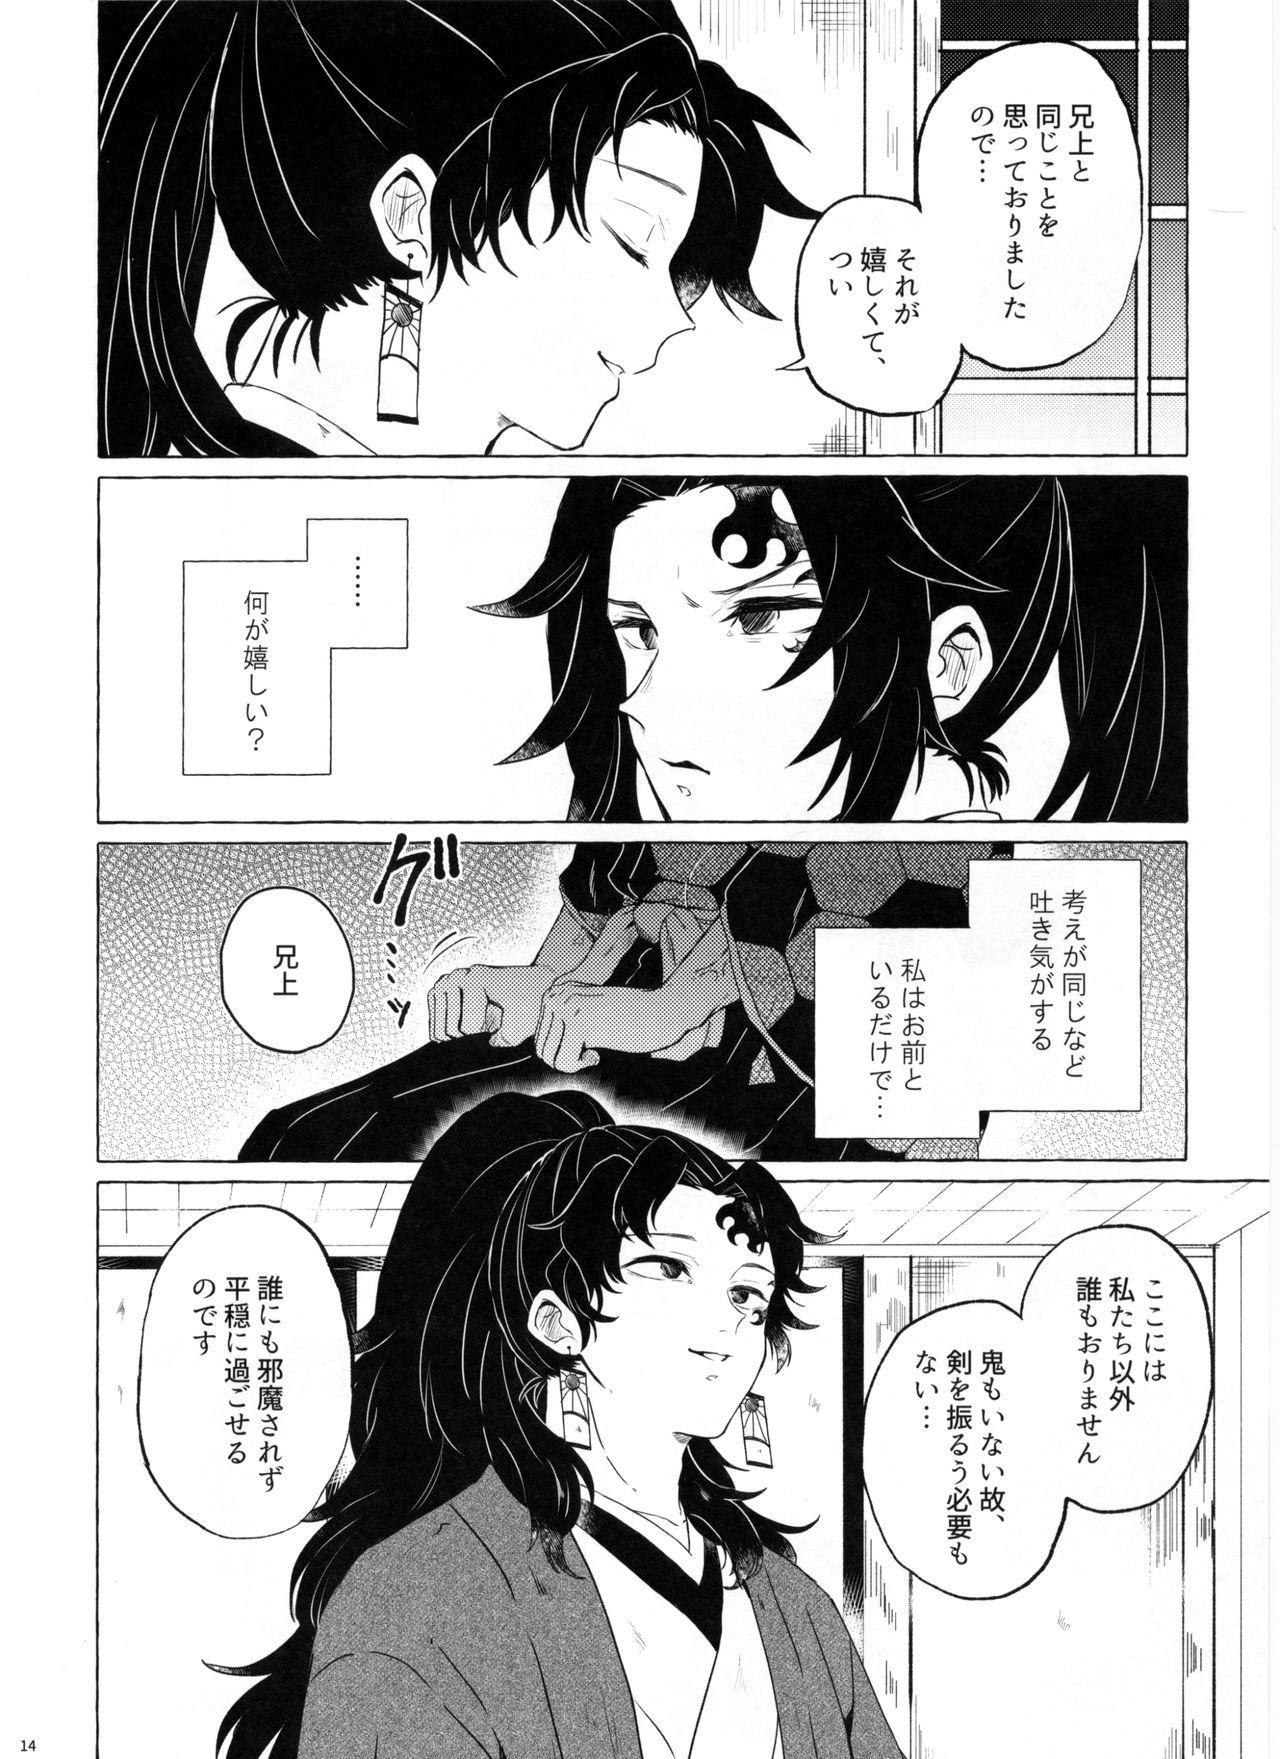 Tanoshii Jigoku no Icchoume 12